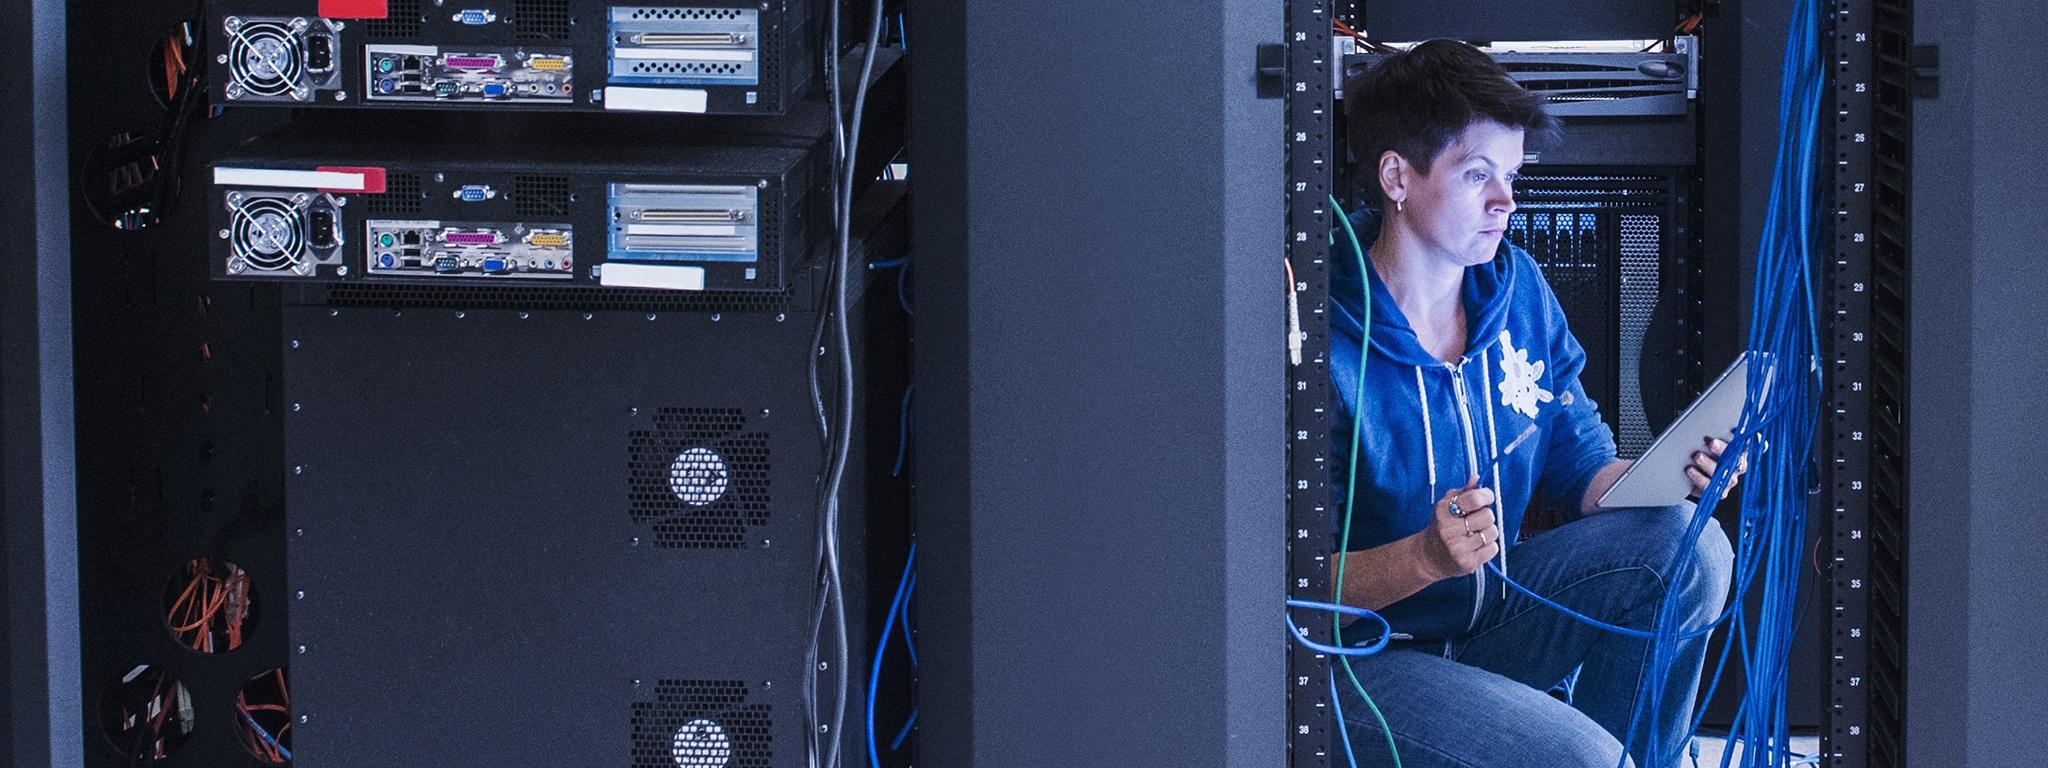 Un tecnico di rete donna vicino a un server rack con un cavo ethernet